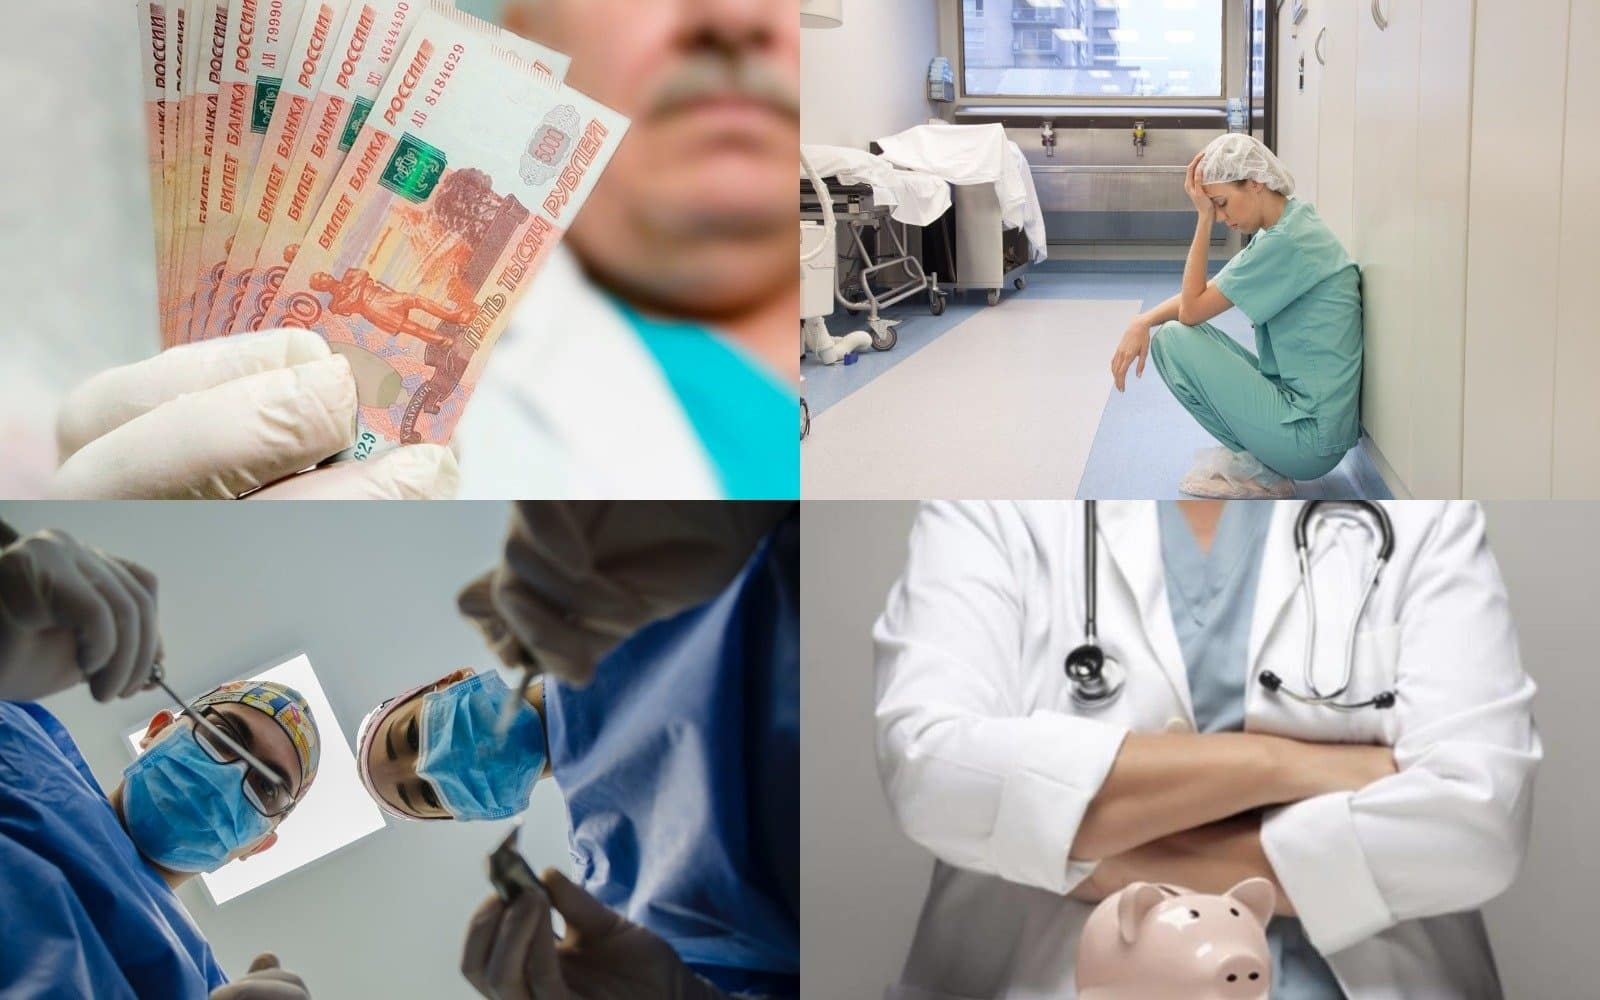 Об увеличении зарплат медиков в 2,5 раза с 2012 года рассказали в Минздраве